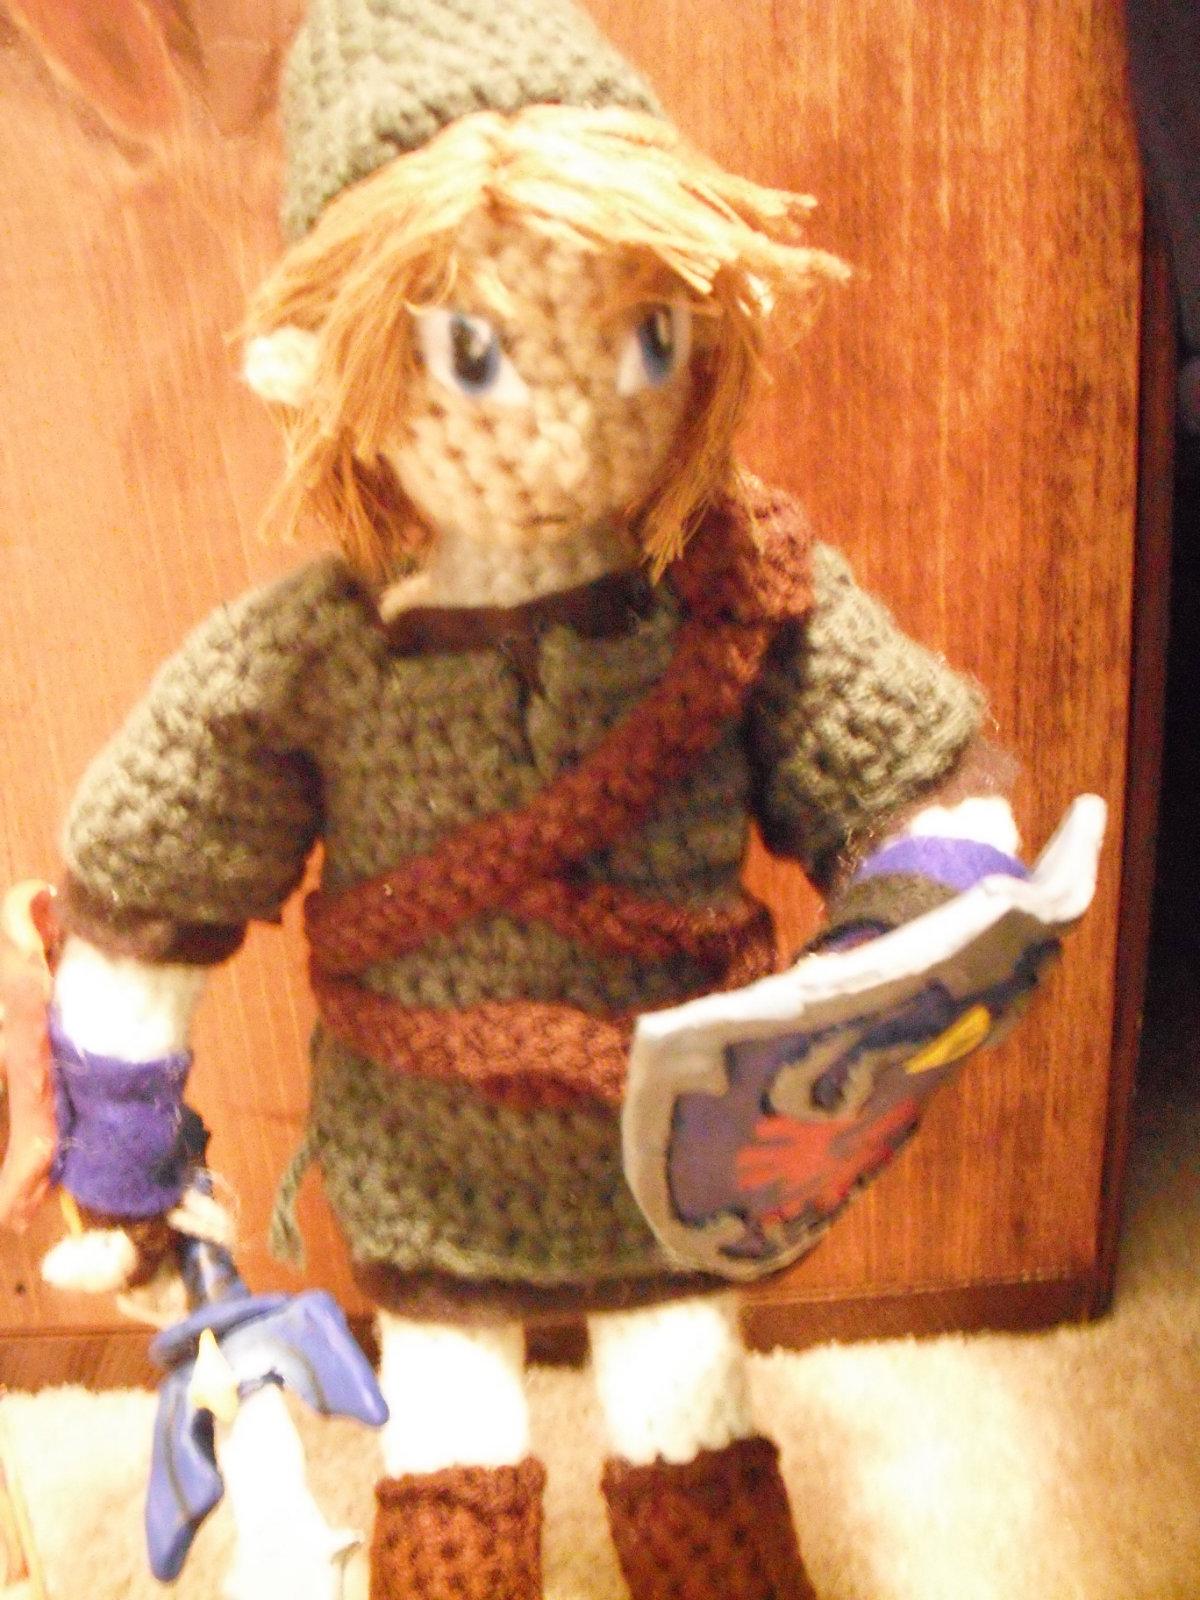 Link Amigurumi Doll Plush from Legend of Zelda (Crochet Pattern ... | 1600x1200